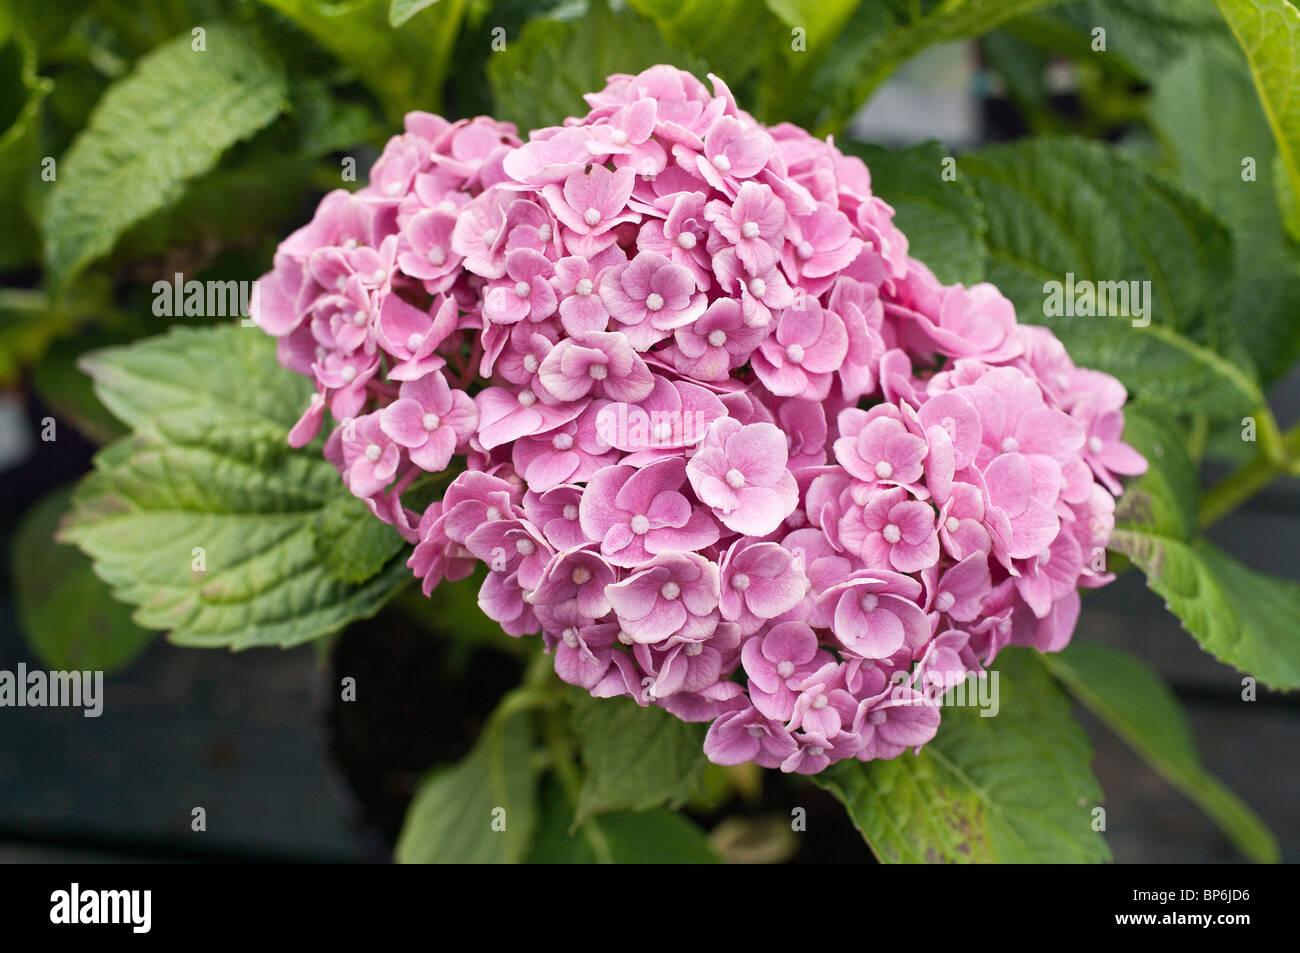 Blumen Fur Immer Stockfotos Blumen Fur Immer Bilder Alamy